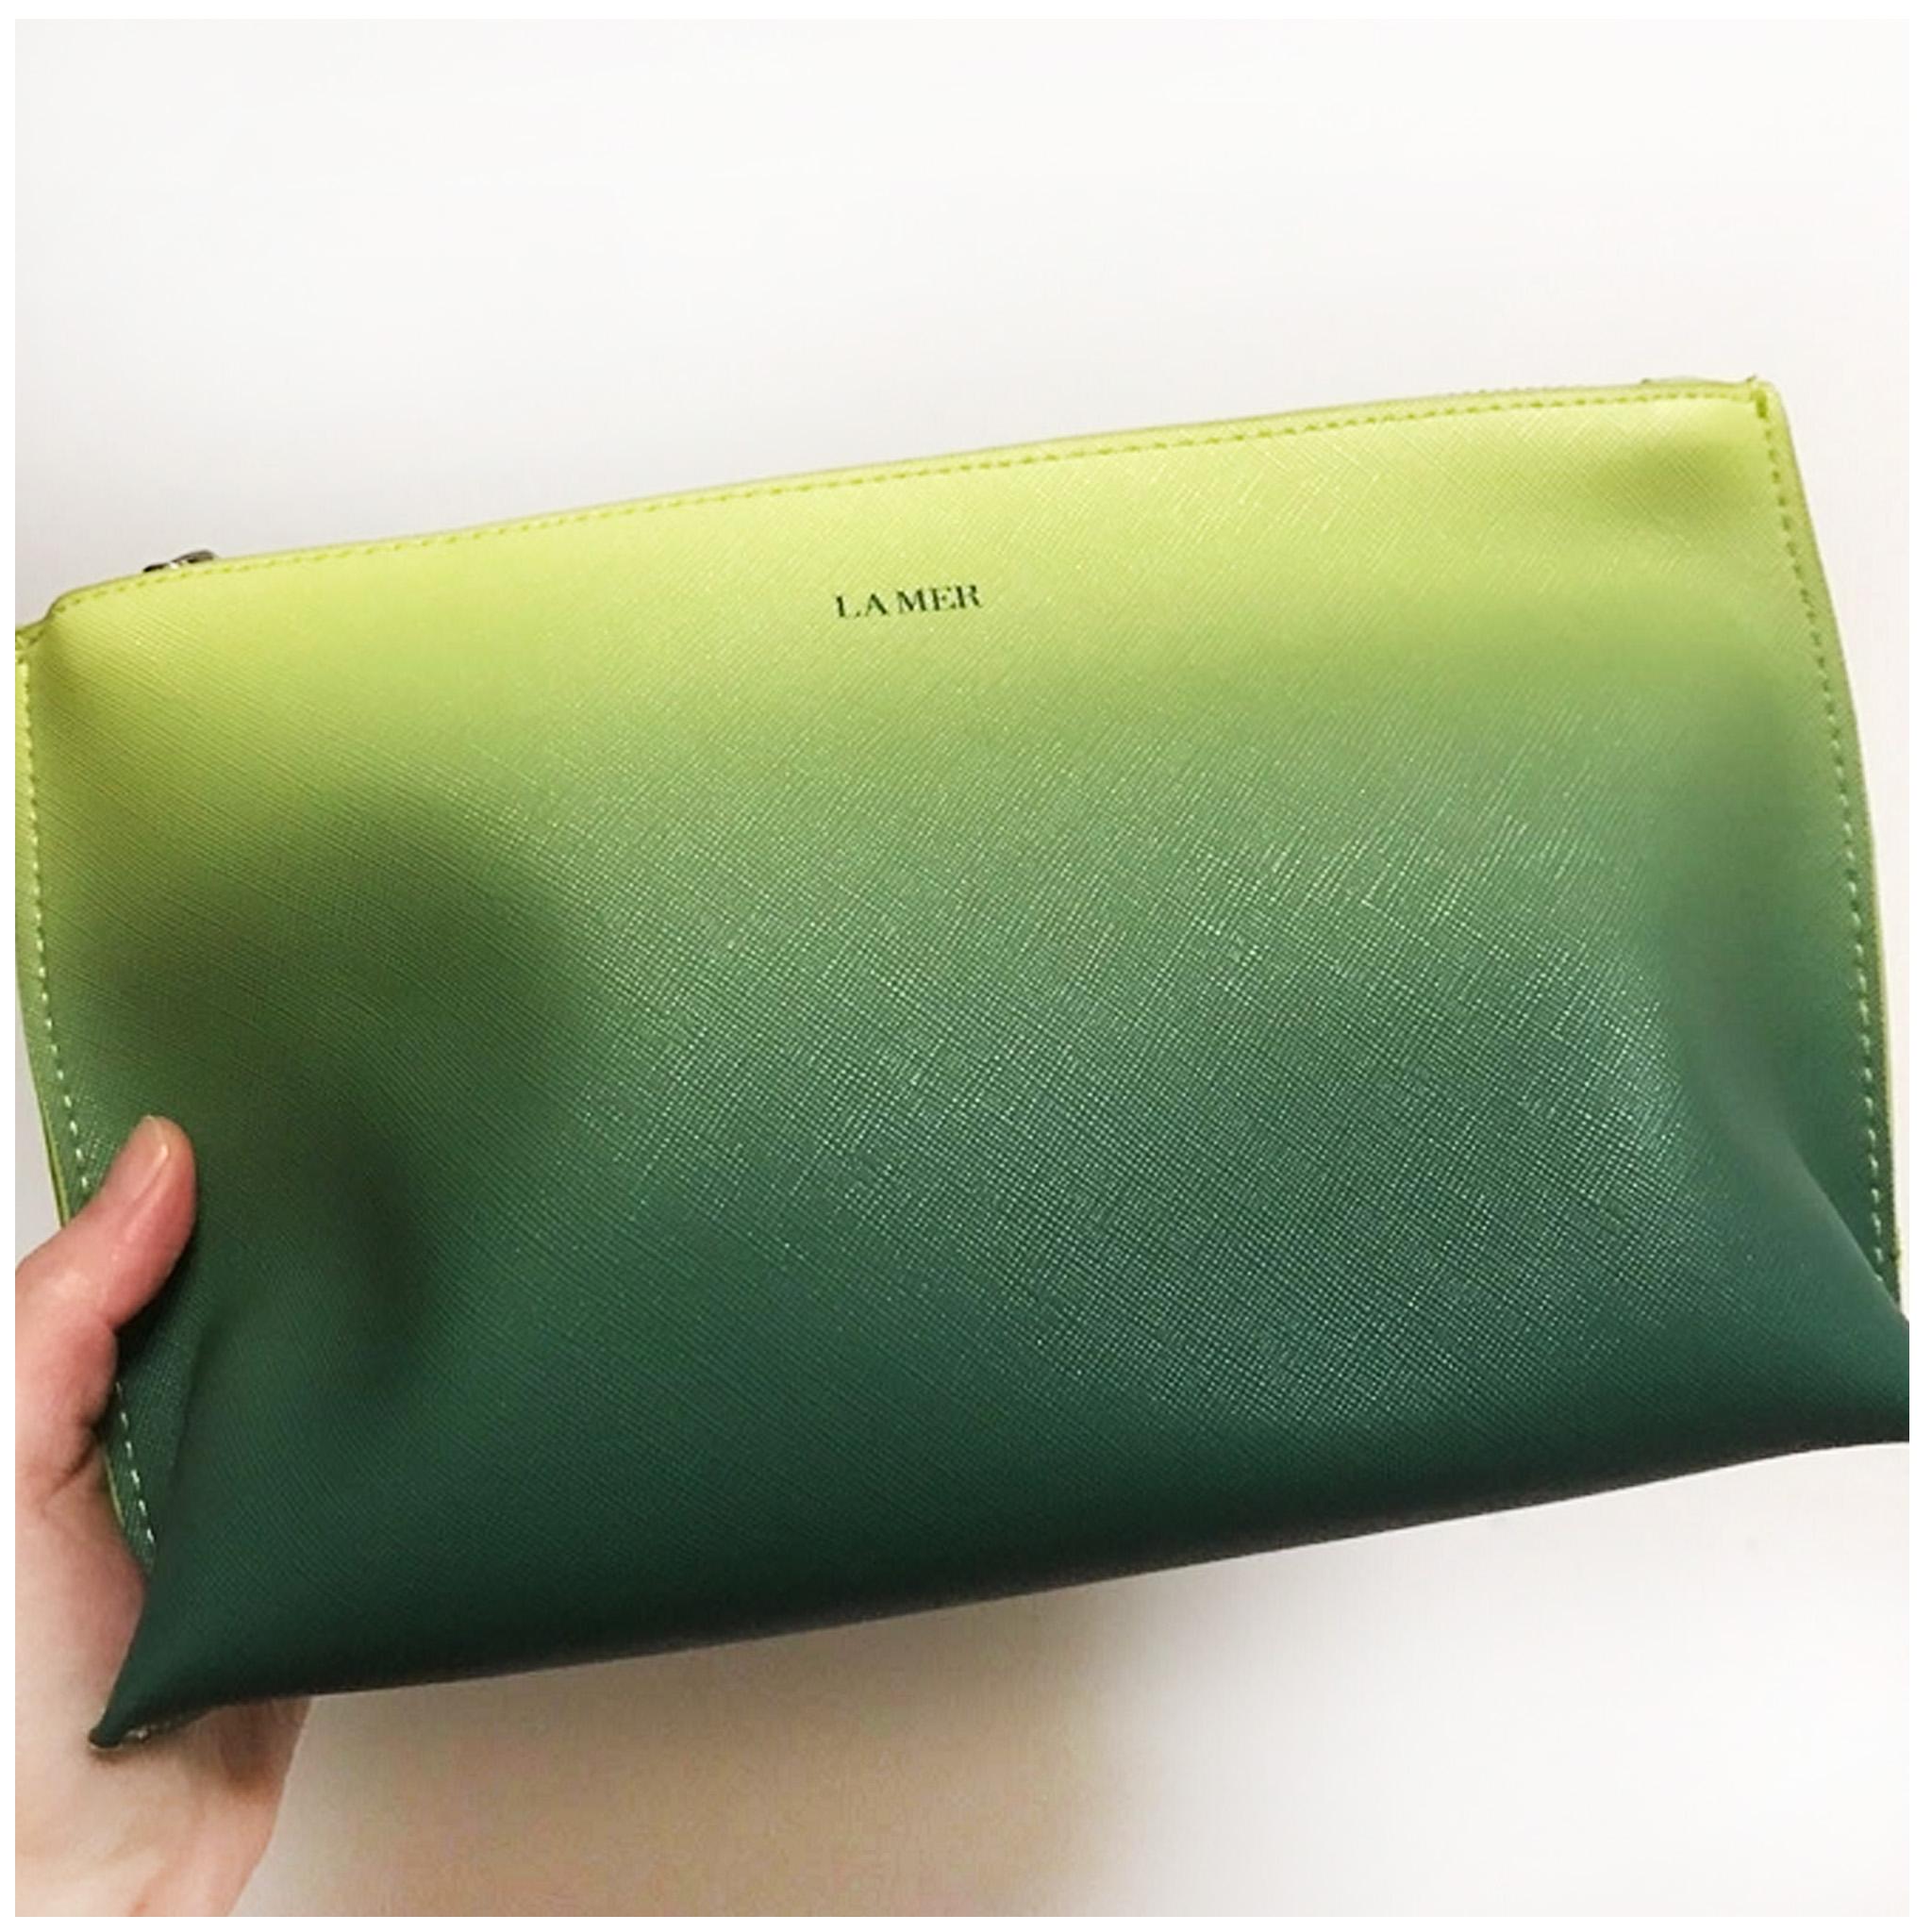 绿色贝壳包 海蓝之谜LAMER蓝色贝壳十字纹化妆包 绿色渐变 手拿化妆包 大号_推荐淘宝好看的绿色贝壳包